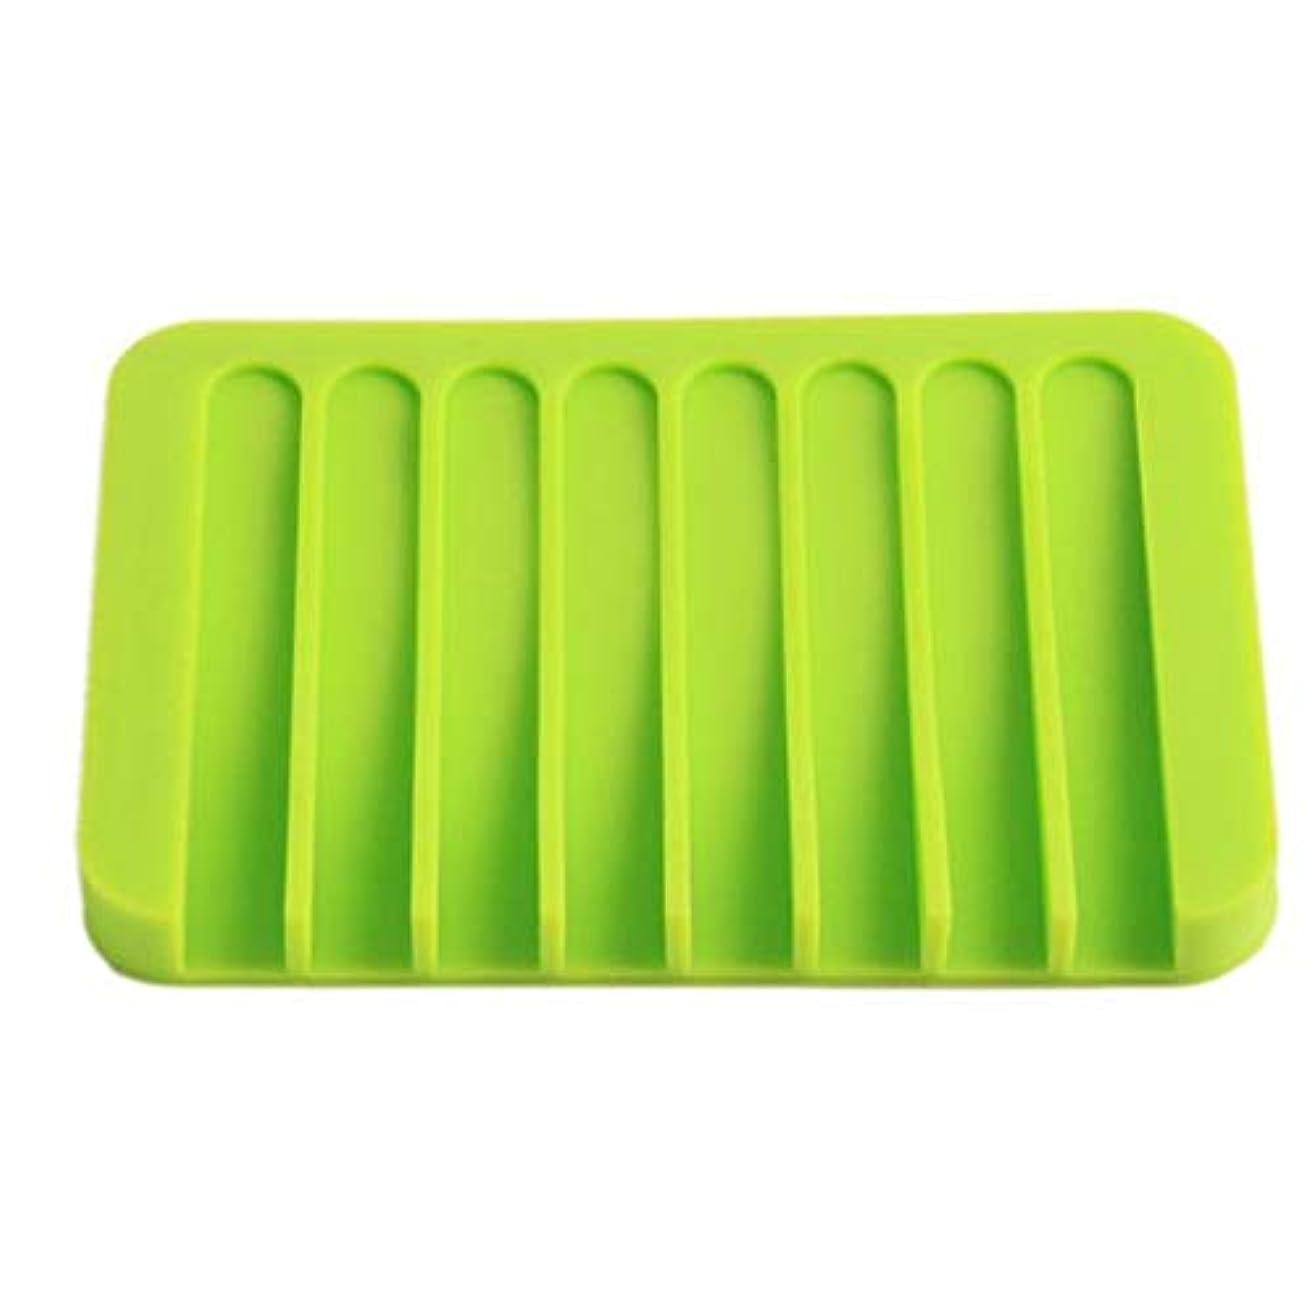 過度に自動化お手伝いさんOnior プレミアム品質のシリコーン浴室柔軟な石鹸皿ソープホルダー収納ソープボックスプレートトレイ排水、グリーン